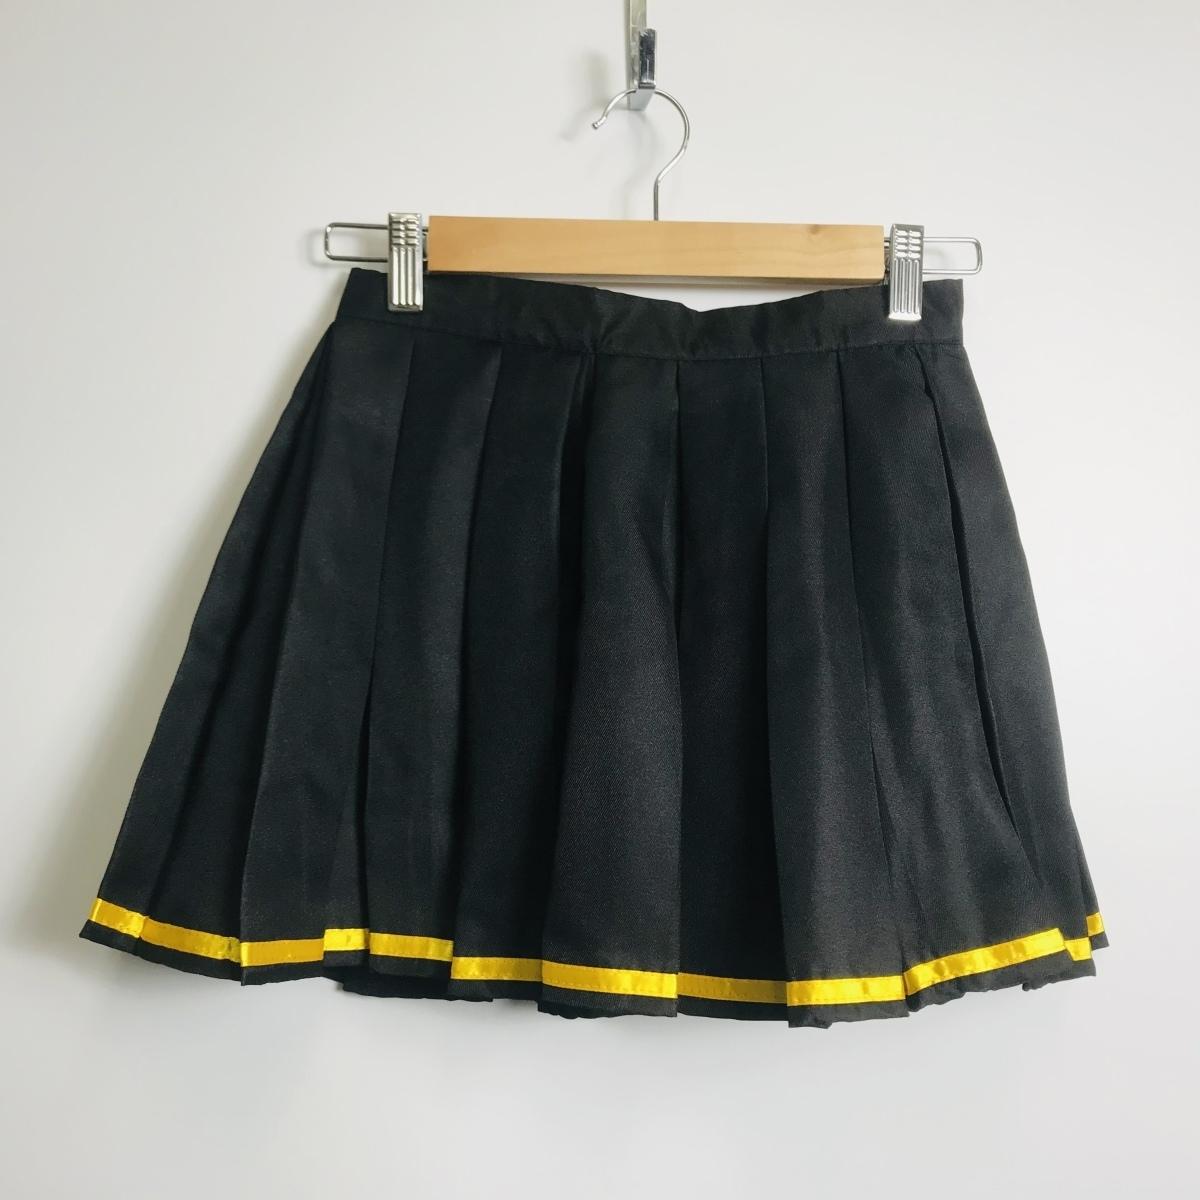 コスプレ衣装 ソードアート・オンライン SAO シリカ風 女性Sサイズ ウィッグ付き_画像5